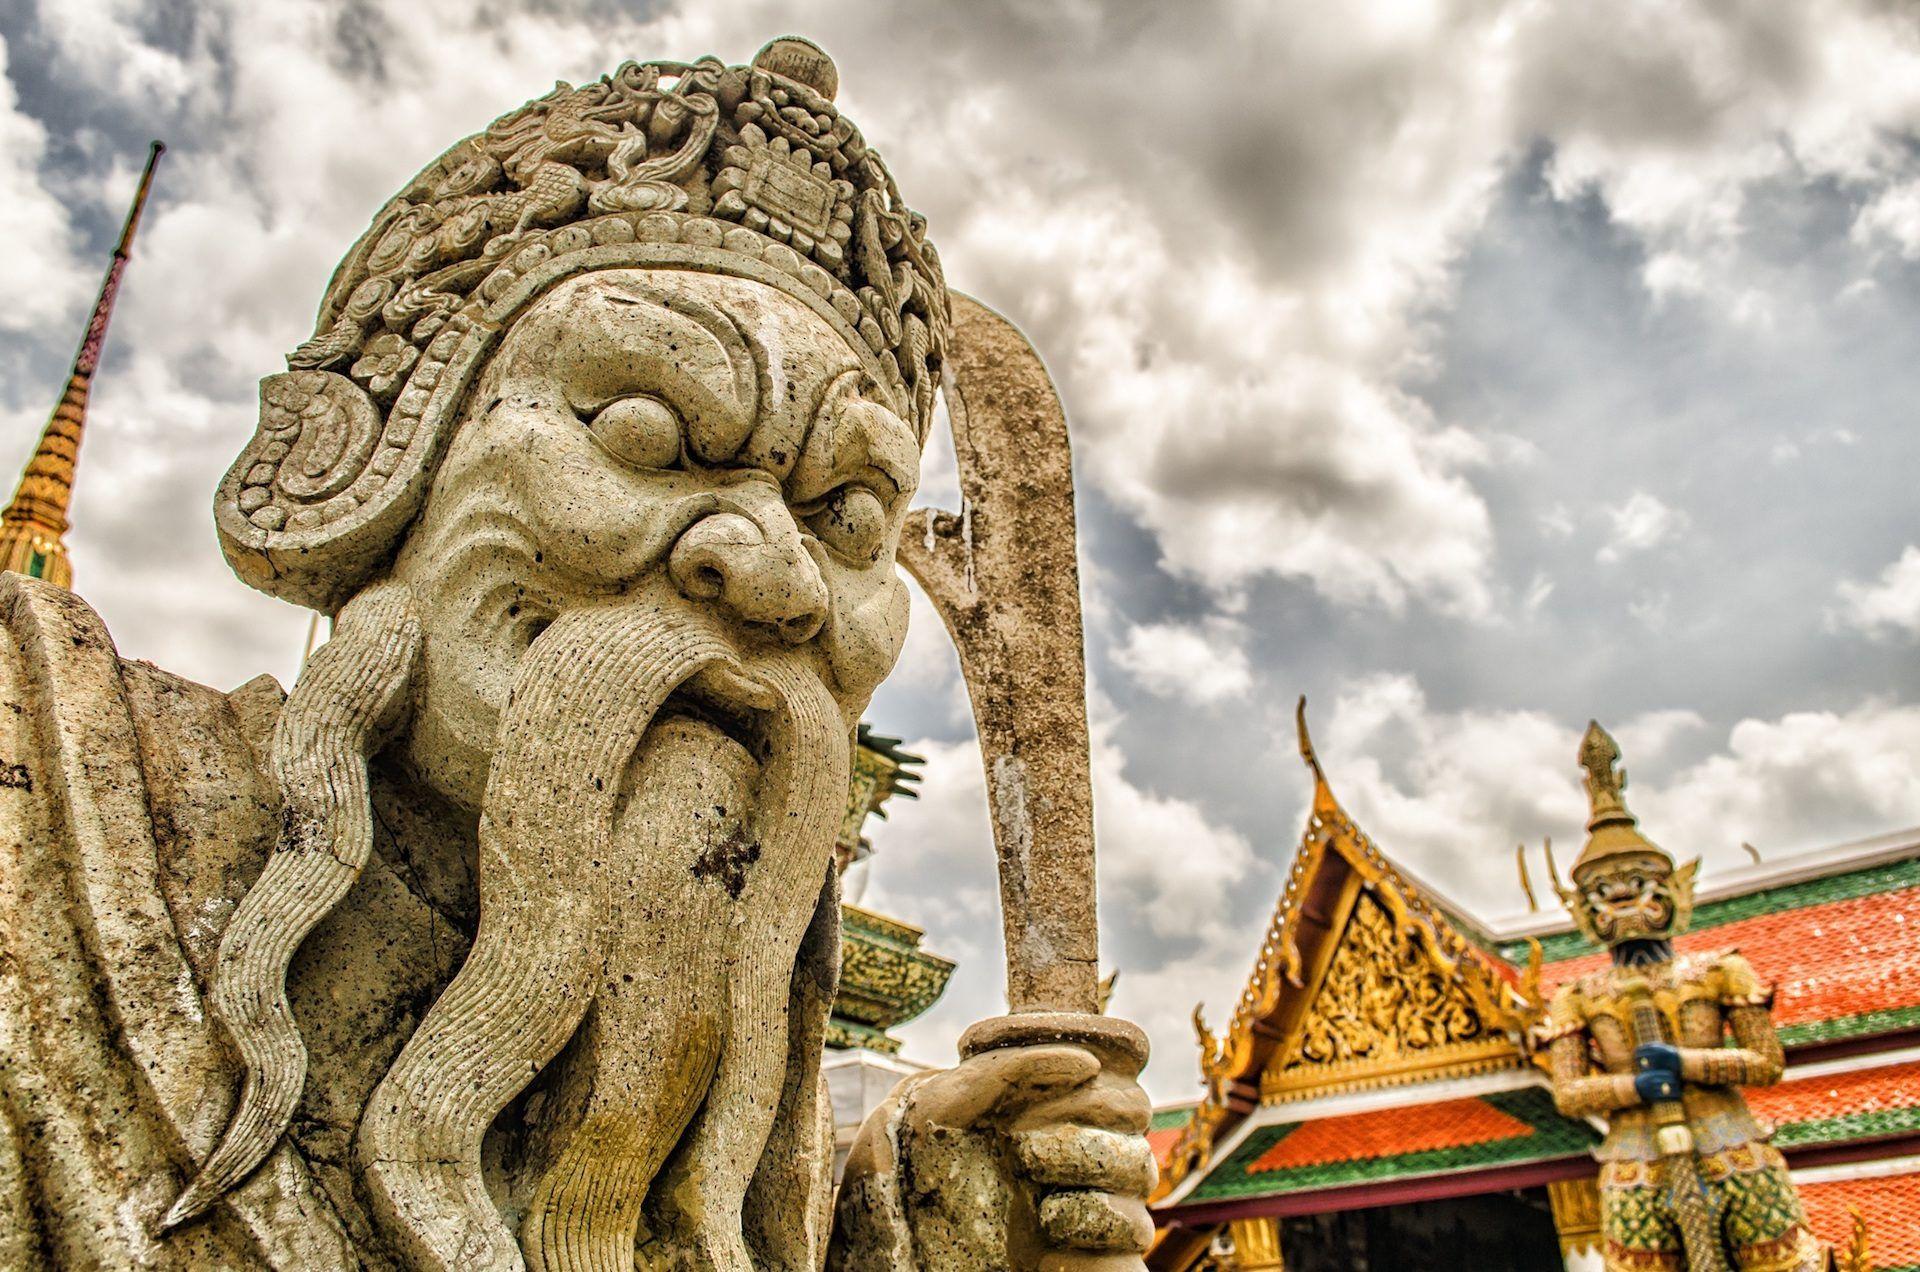 Estatua Gigante Piedra Guerrero China Turismo 1701252217 Estatuas China Turismo Turismo